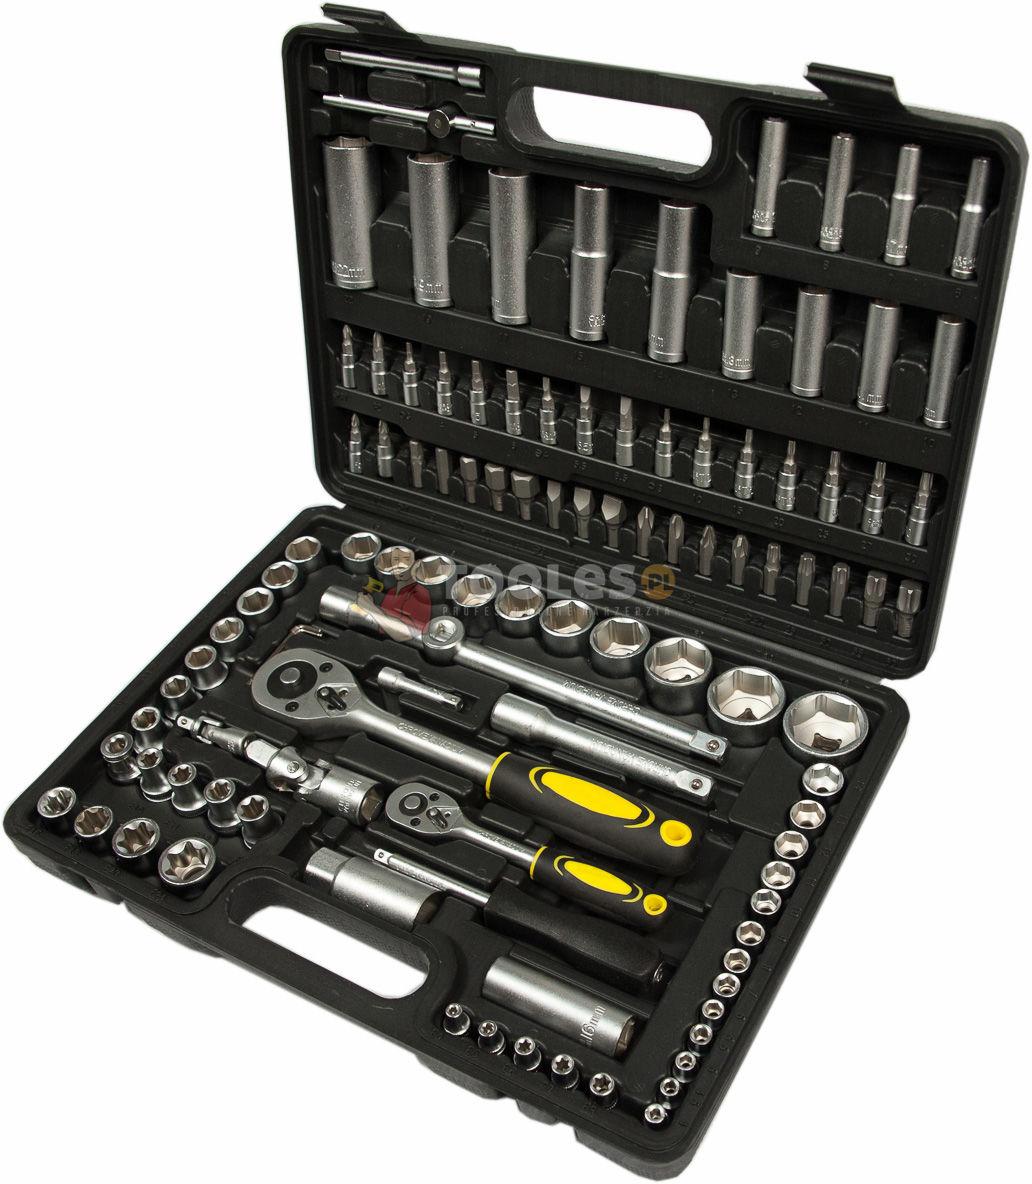 Zestaw narzędziowy klucze nasadowe bity torx 108 szt MASTIFF